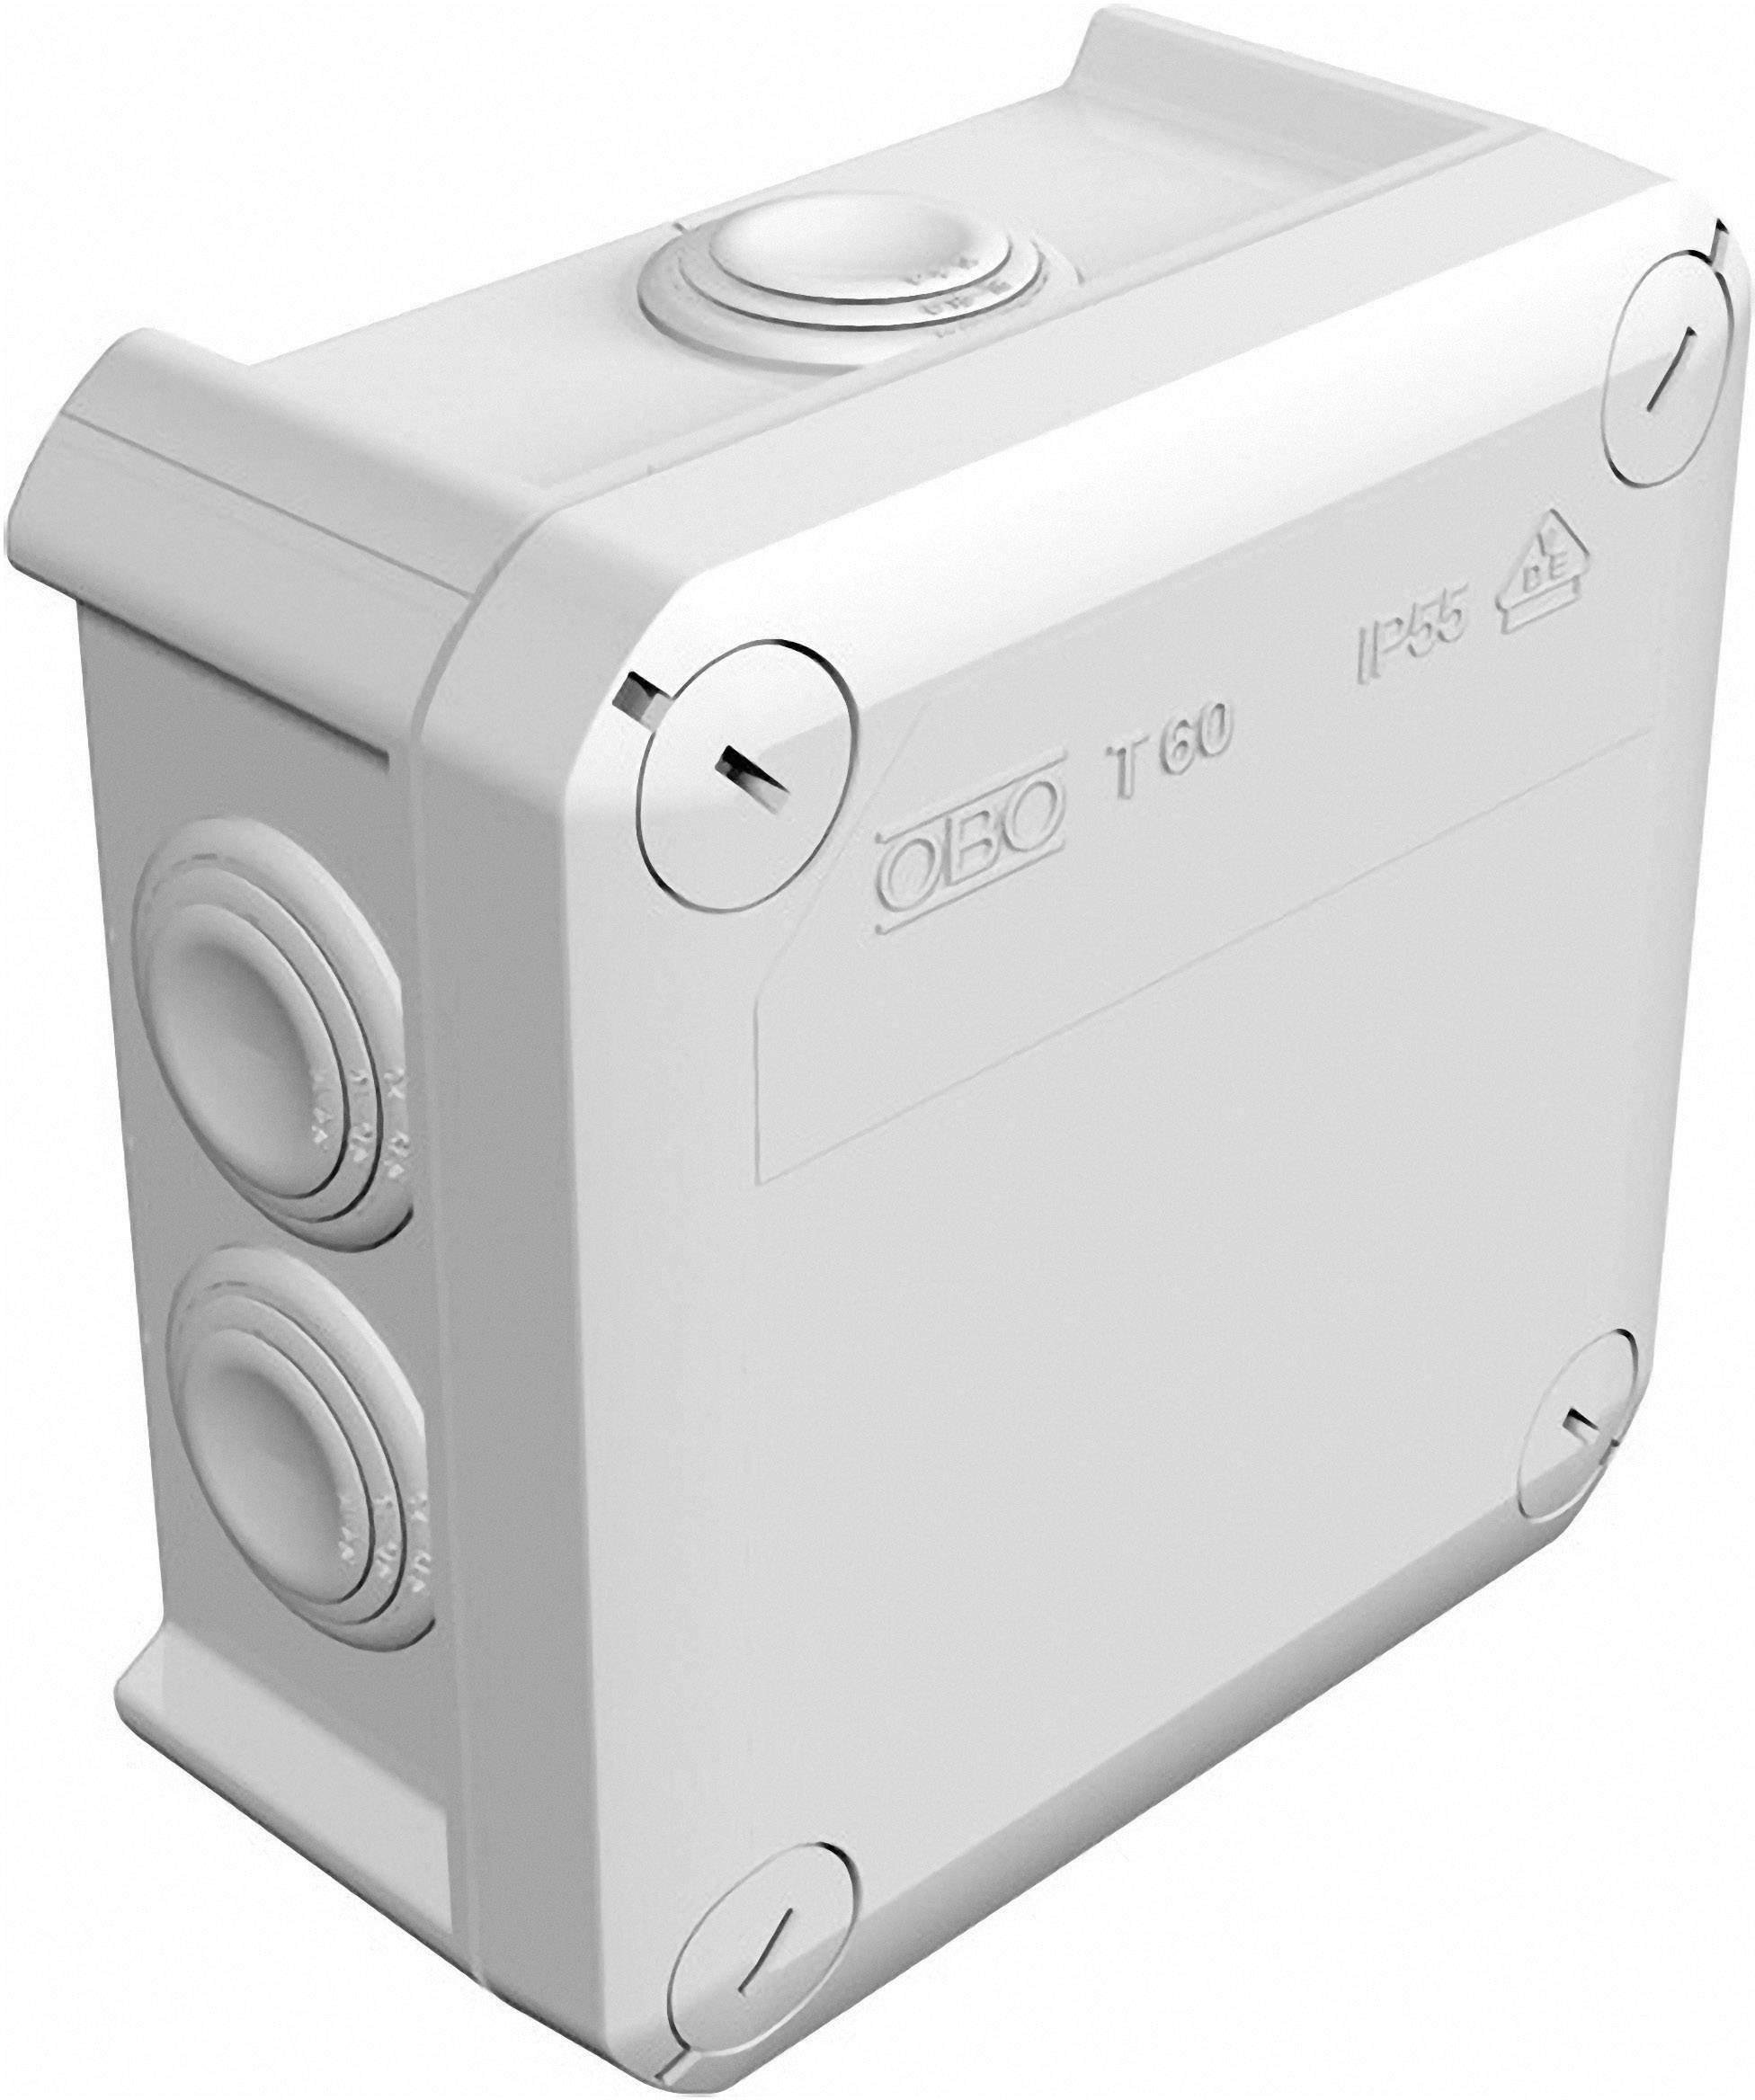 Rozbočovací krabice OBO Betternann T60, IP55, 114 x 114 x 57 mm, světle šedá, 2007061